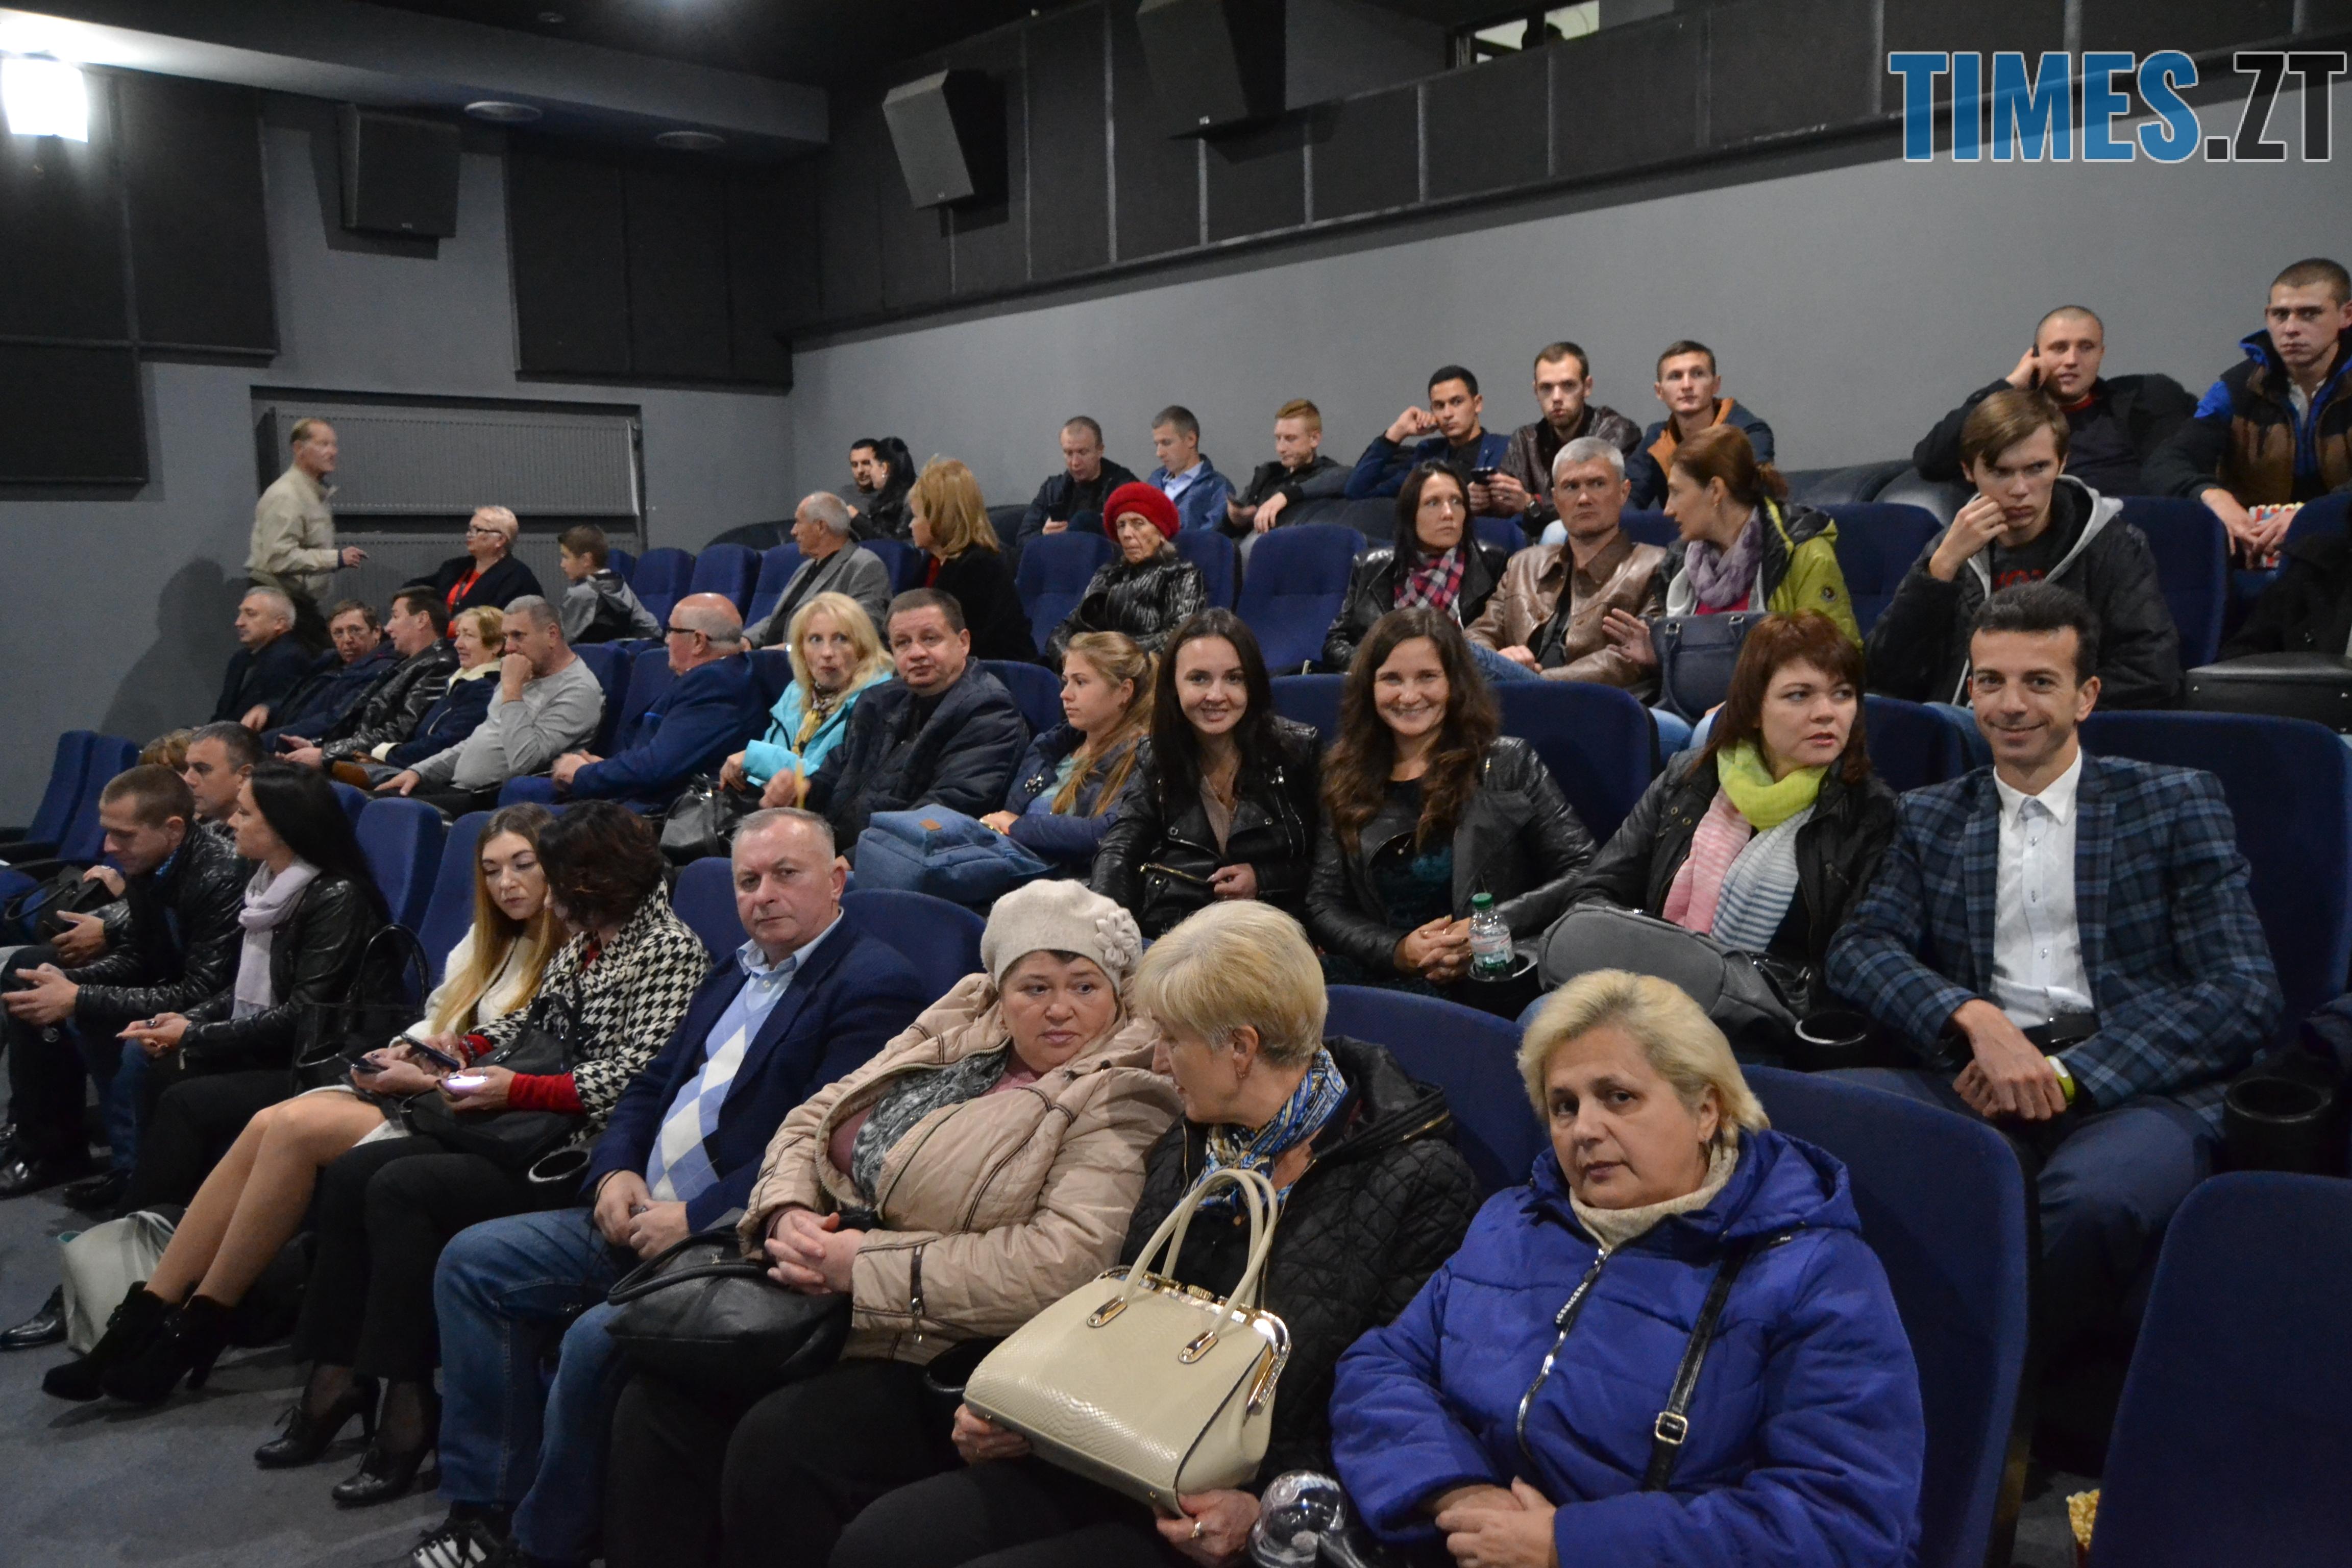 """DSC 0455 - Дивись українське: в Житомирі відбулась прем'єра фільму «Позивний """"Бандерас""""»"""